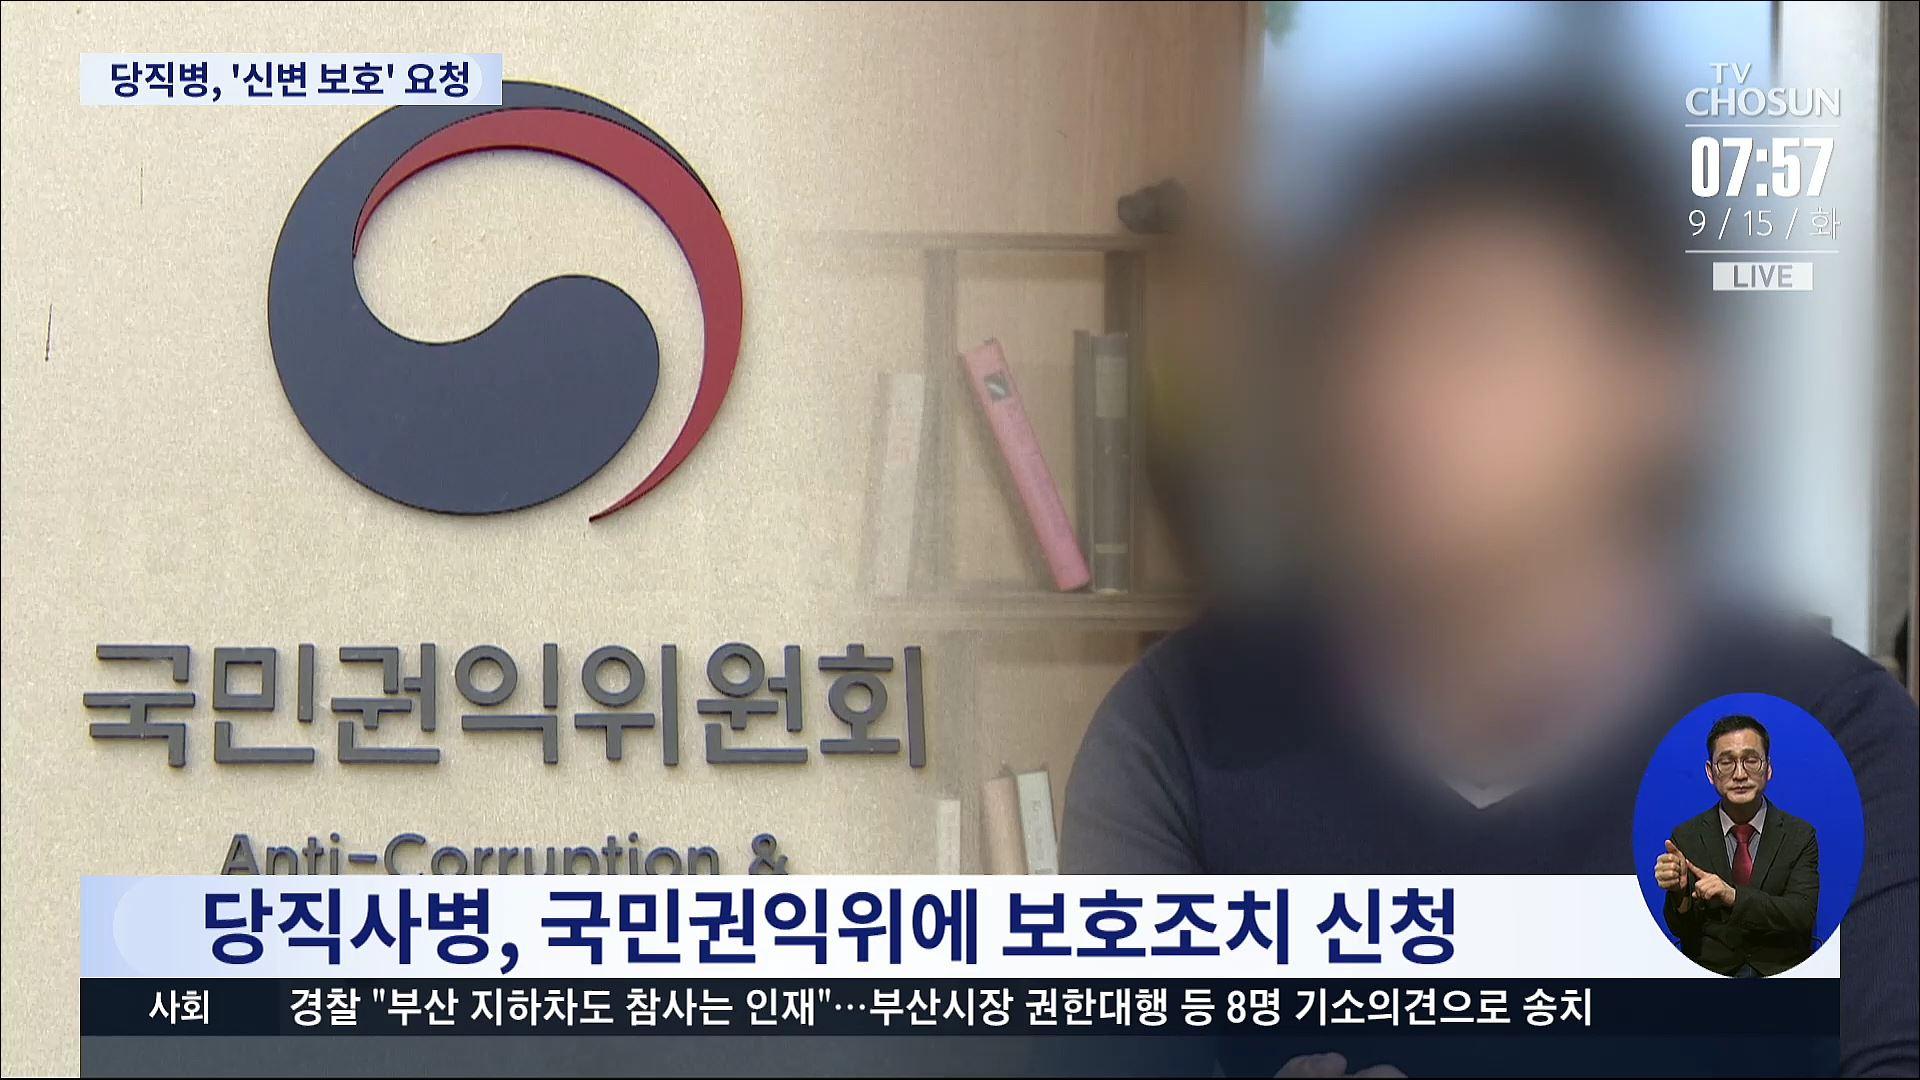 당직사병, 신상털기·비난 쏟아지자 '공익신고자 보호' 요청